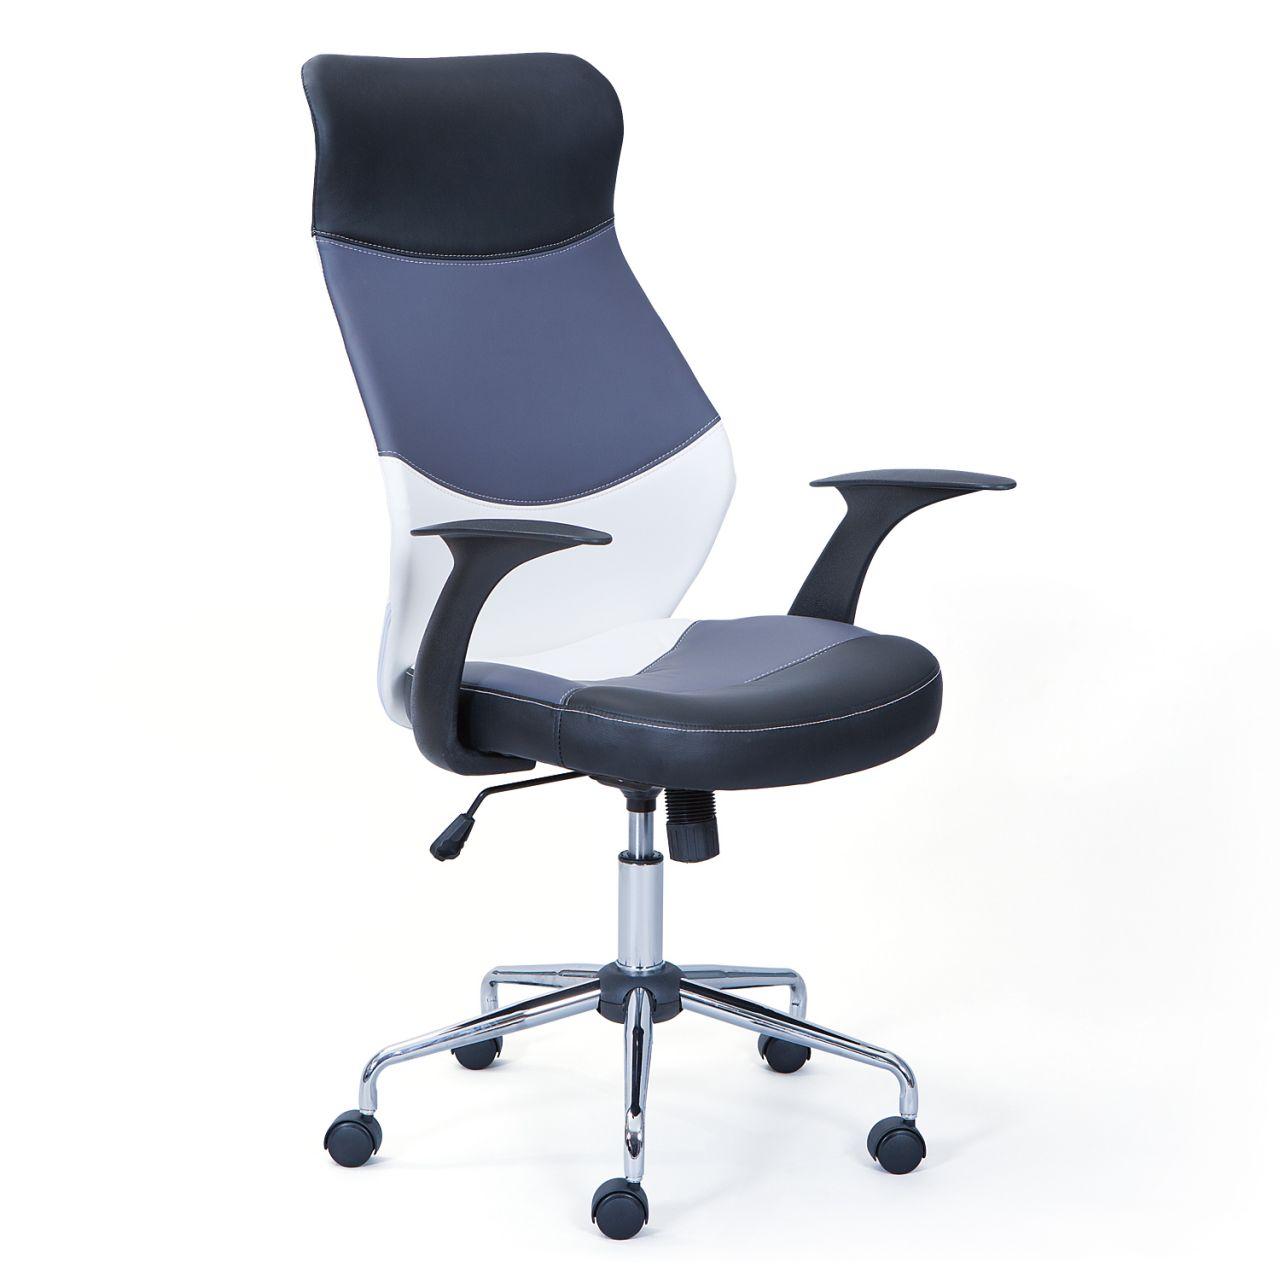 Schreibtischstuhl Burostuhl Weiss Grau Schwarz Hohenverstellbar